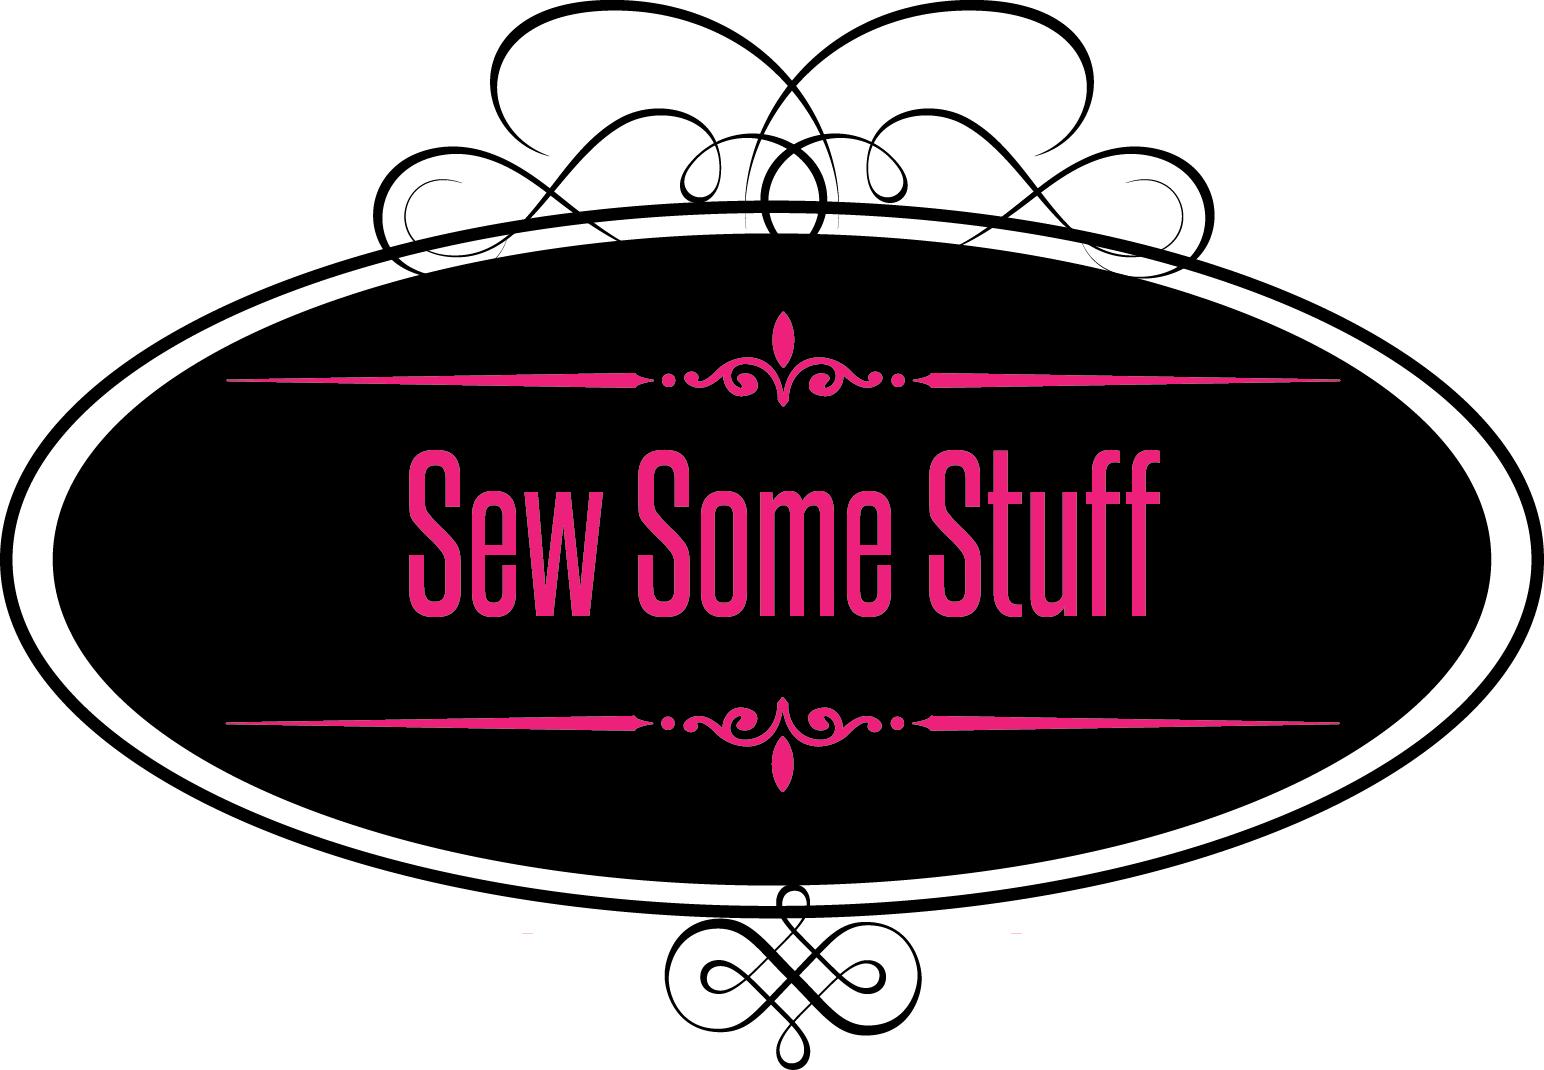 Sew Some Stuff